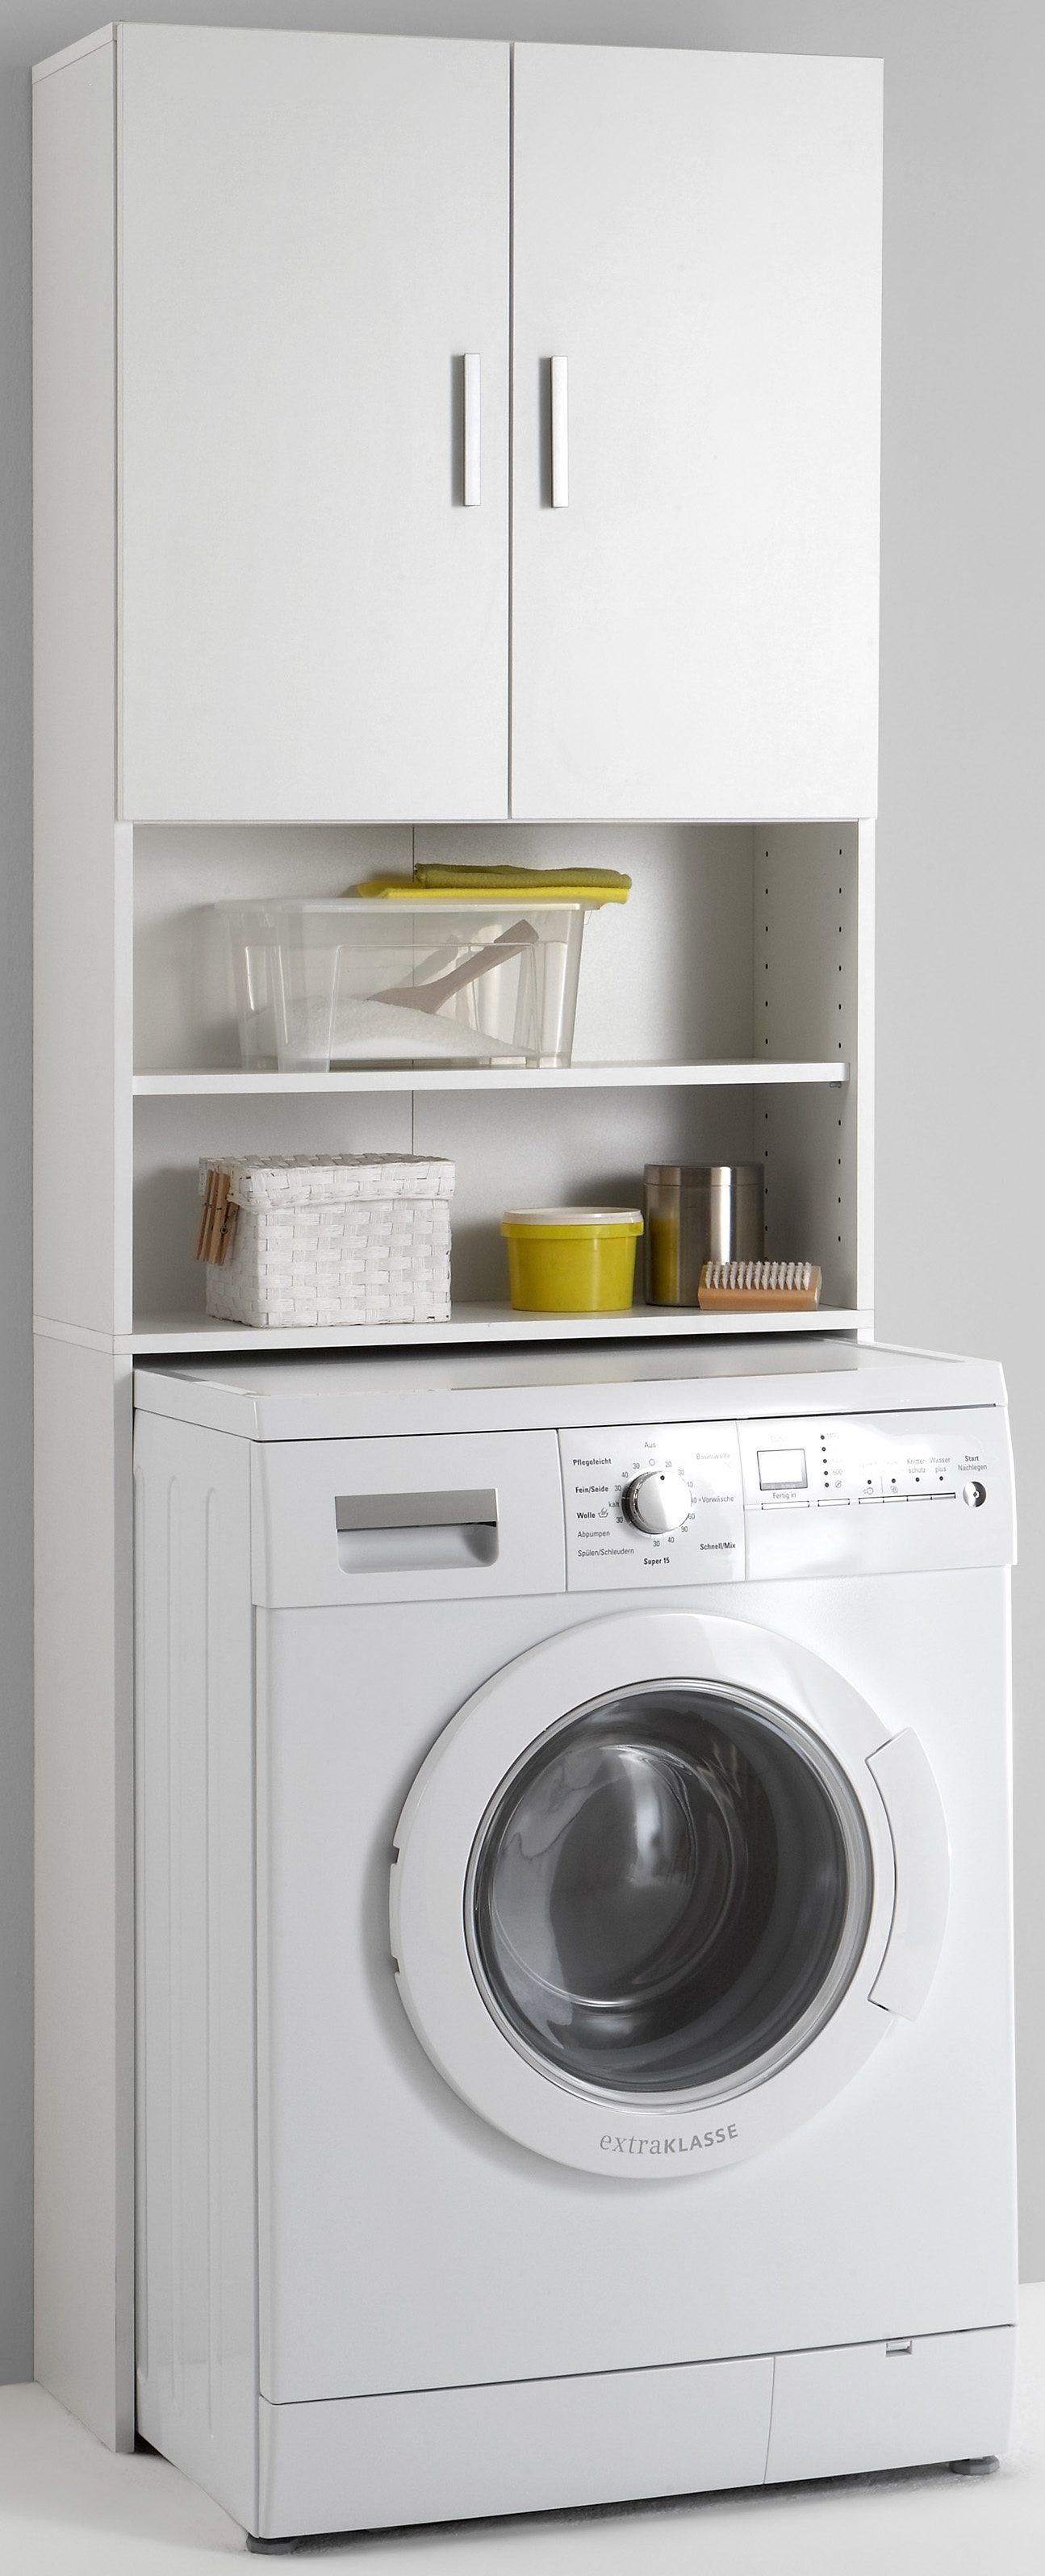 Kast Voor Wasmachine : Kast voor wasmachine olbia nu online kopen otto